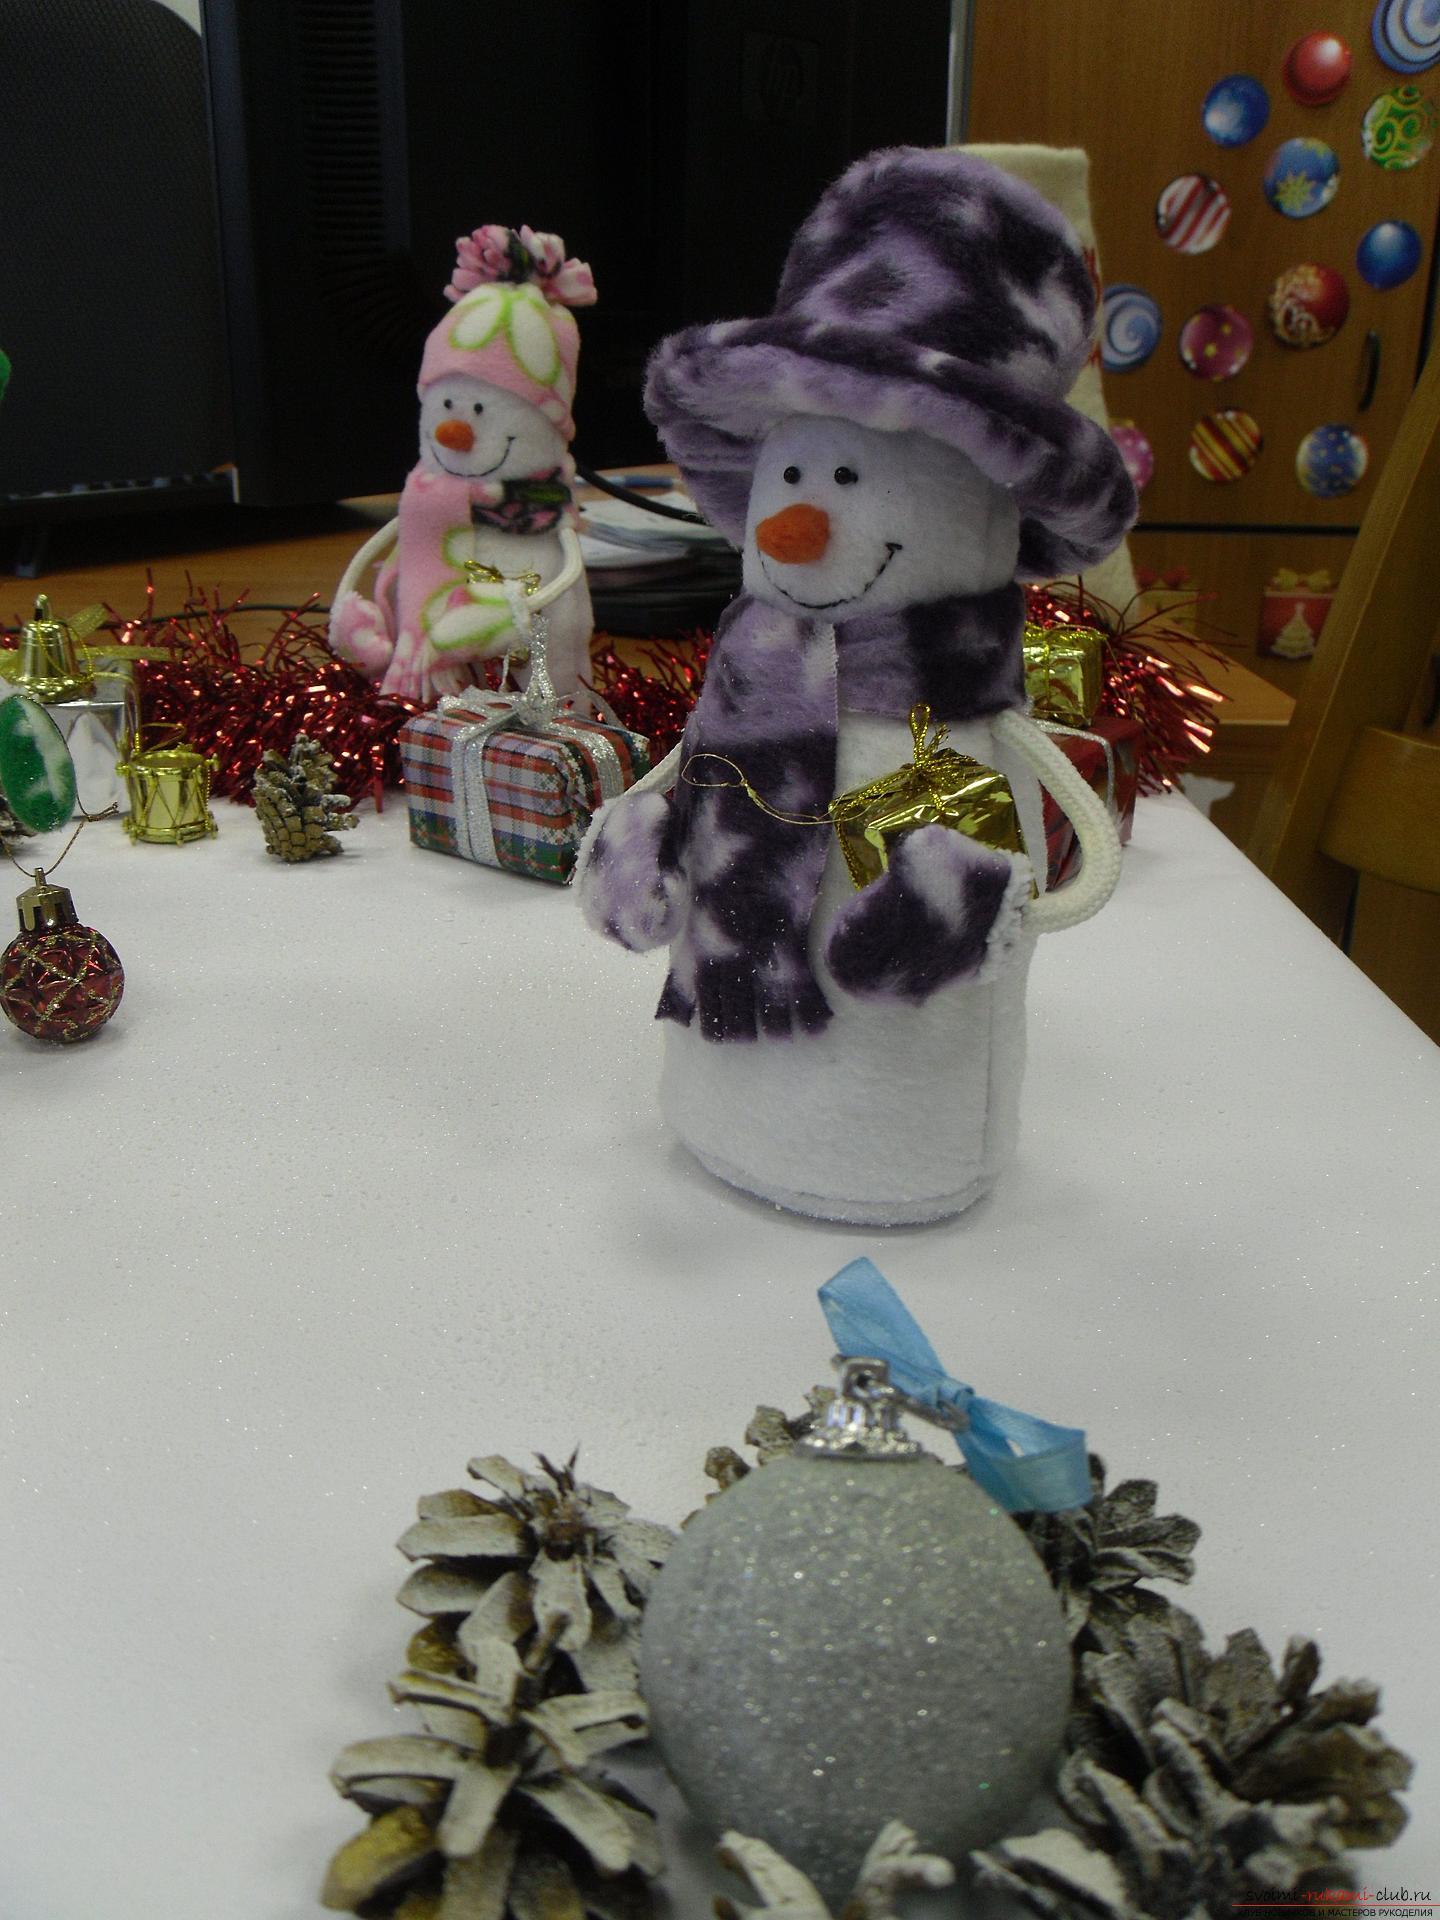 Снеговики из фетра помогут создать новогоднюю обстановку в каждом доме. Поделка на Новый год может быть не купленной в магазине, украшение к новогоднему столу можно сделать своими руками.. Фото №6